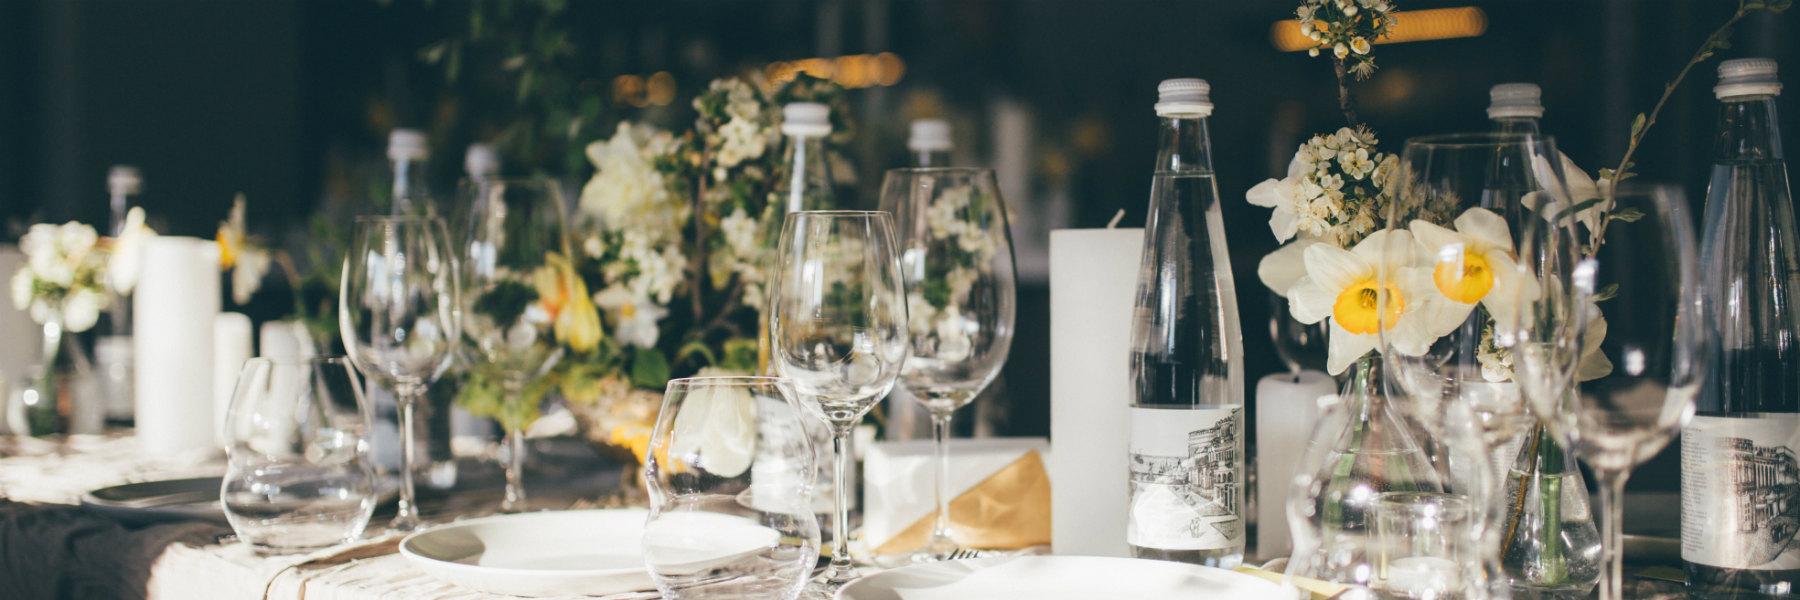 nakrycie stołu na imprezy rodzinne